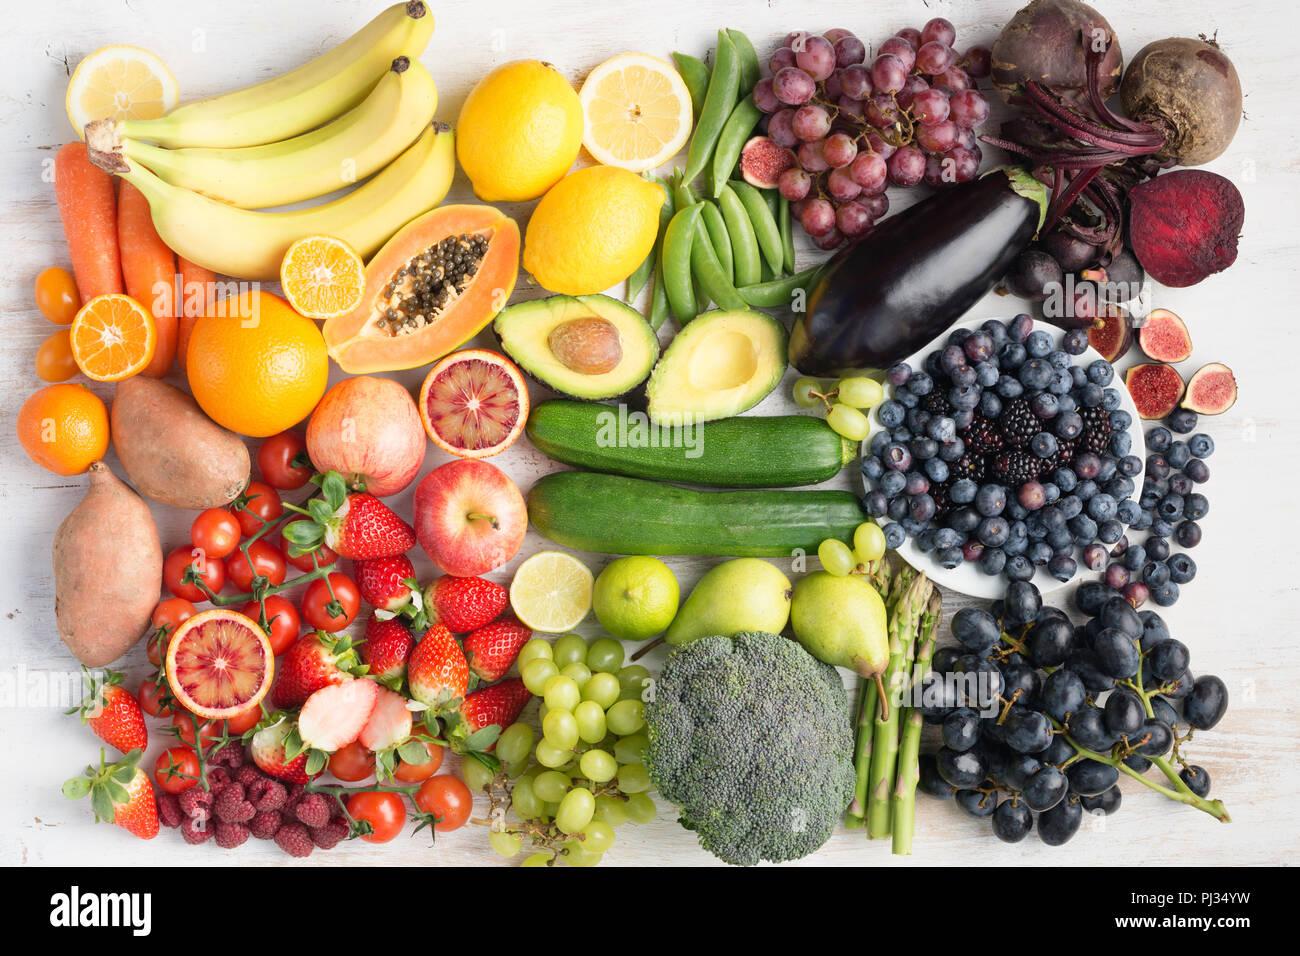 Concepto de alimentación saludable, el surtido de rainbow, bayas, frutas y verduras, plátanos, naranjas, uvas, brócoli, remolacha en off white mesa dispuestos en un rectángulo, vista superior, el enfoque selectivo Imagen De Stock